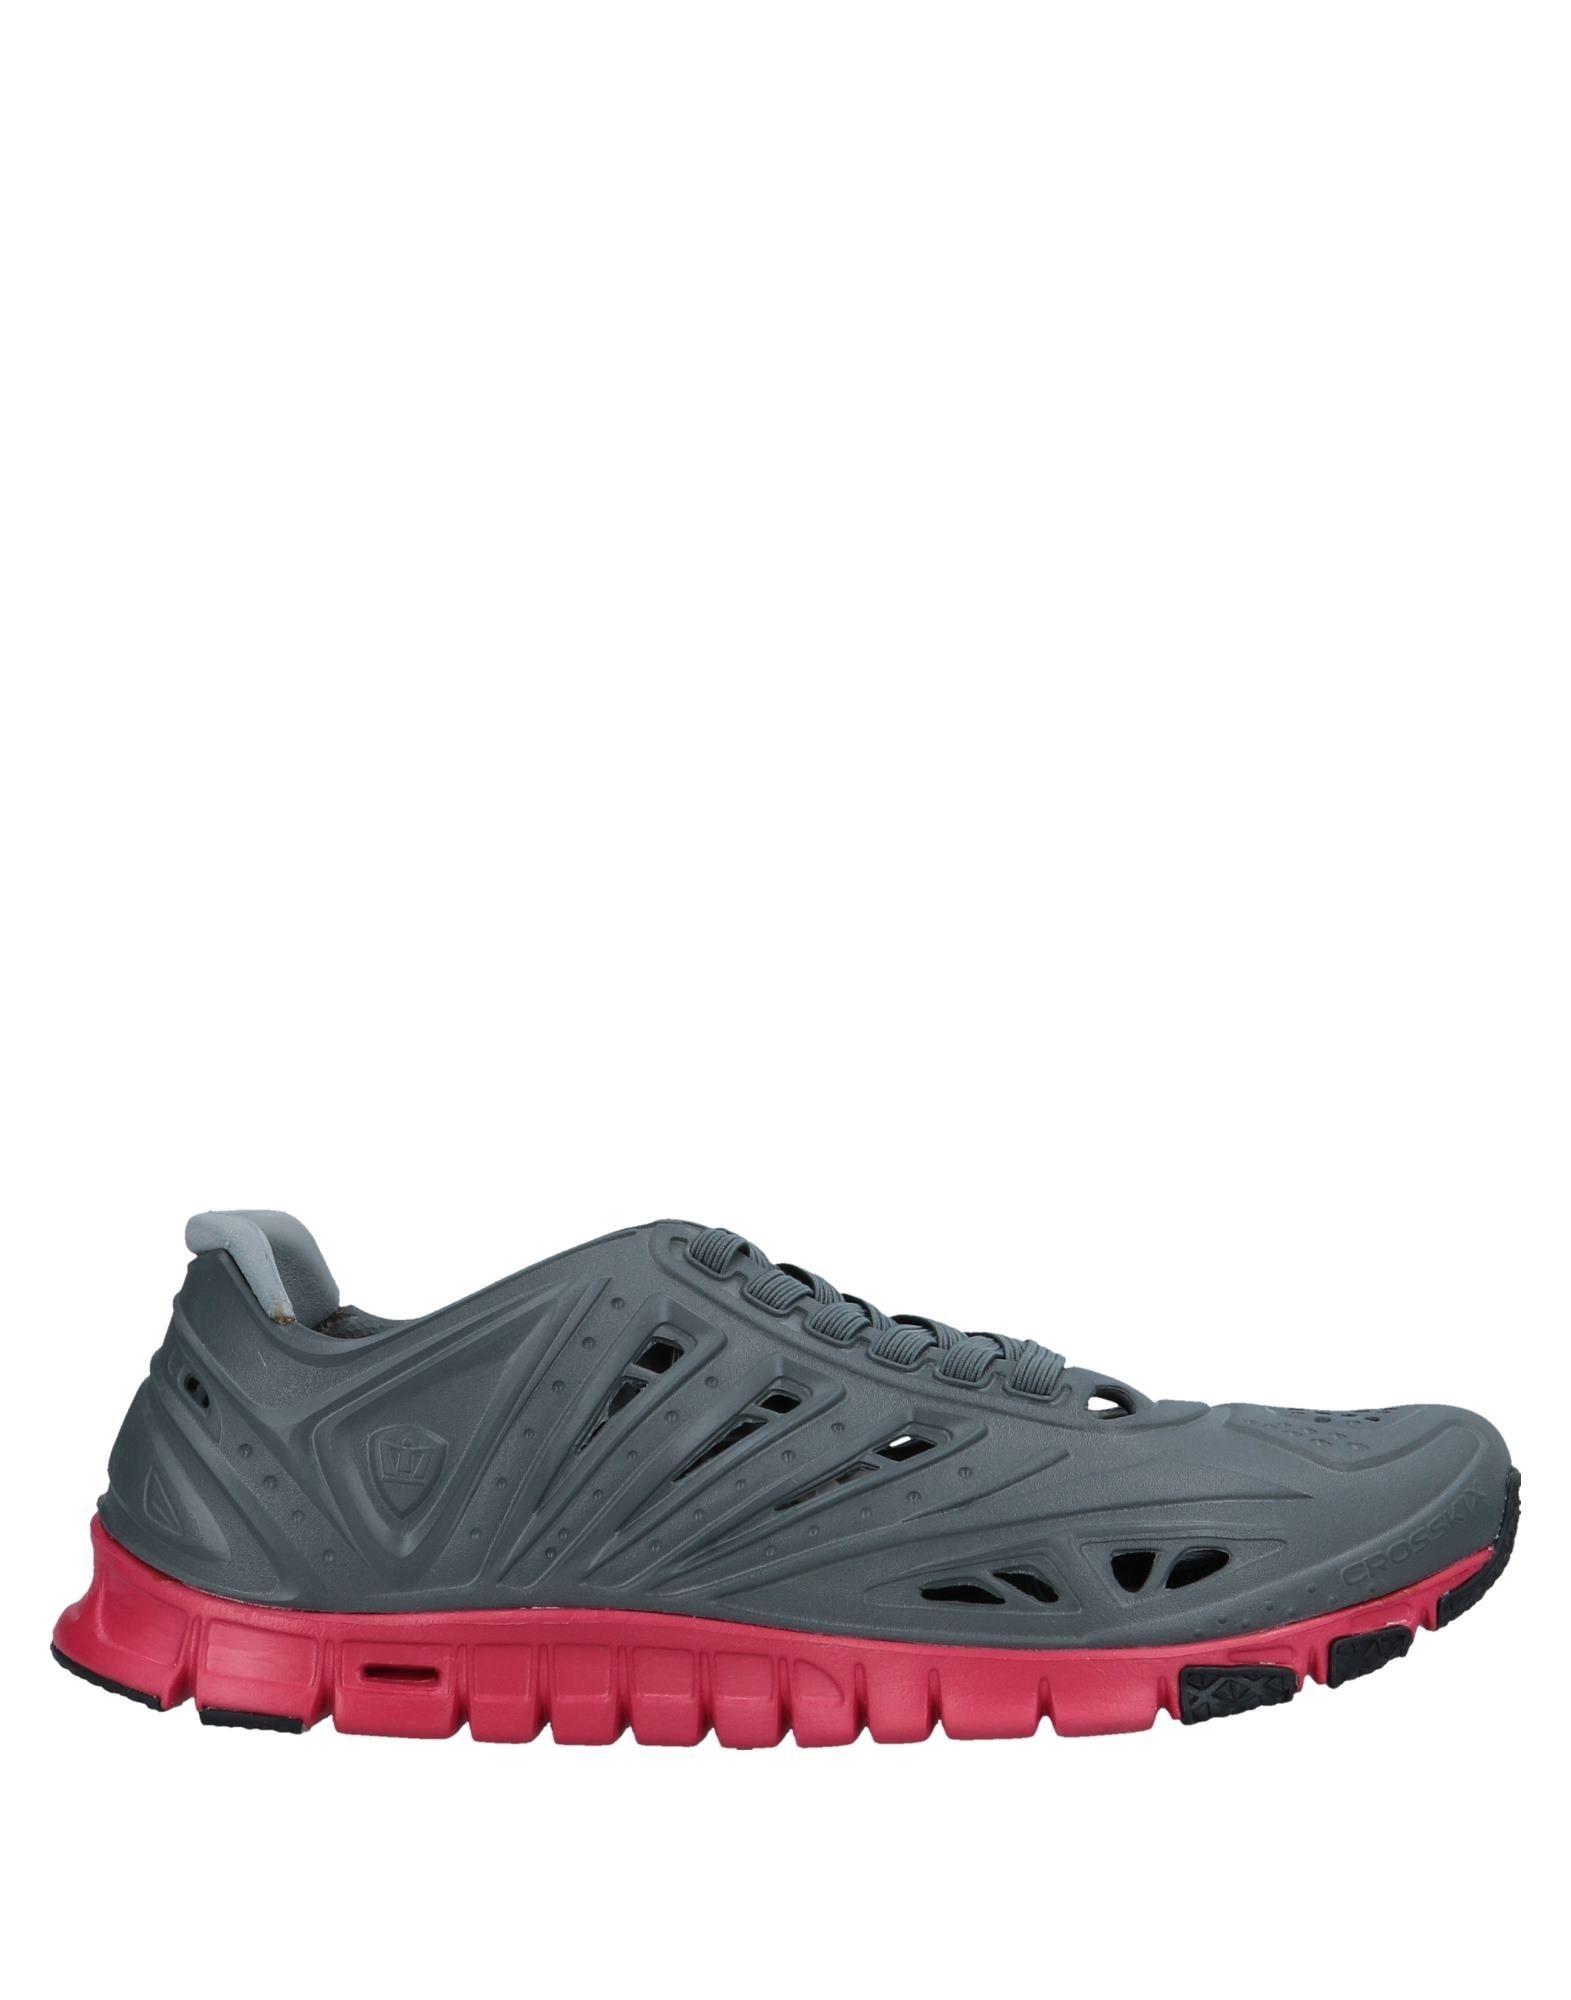 Dettagli su Nike AIR MAX 1 Nero Gomma Marrone Da Uomo Scarpe da ginnastica sneakers 6 7 8 9 10 11 12 mostra il titolo originale